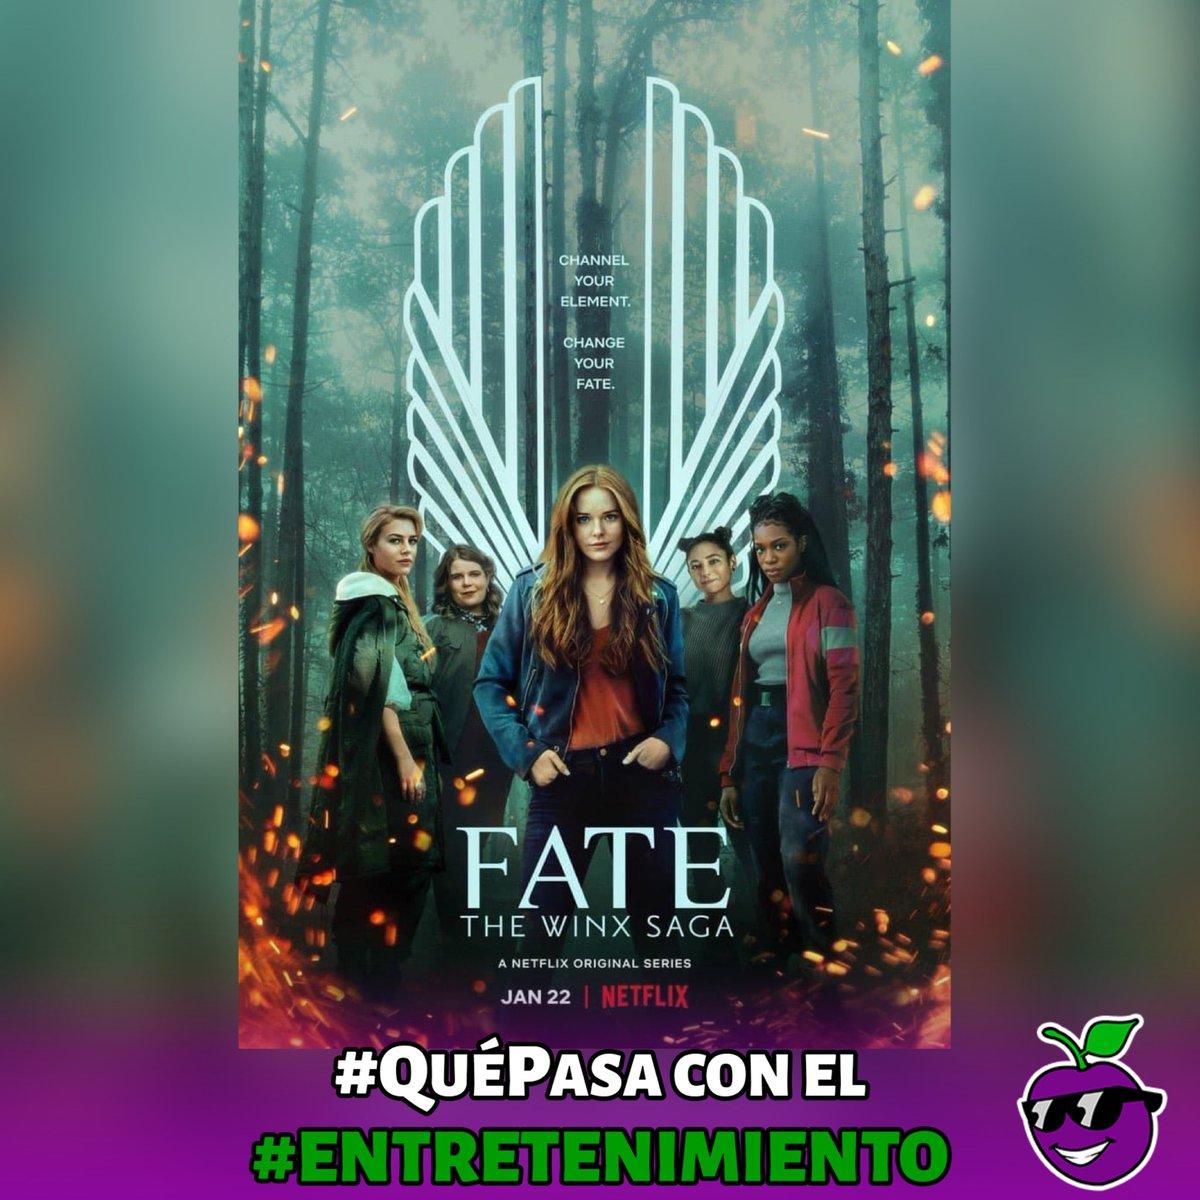 . #QuéPasa con el #Entretenimiento 🍿  'Fate: The winx saga', serie basada en la caricatura del mismo nombre, ya está disponible en la plataforma de streaming #Netflix con seis capítulos.